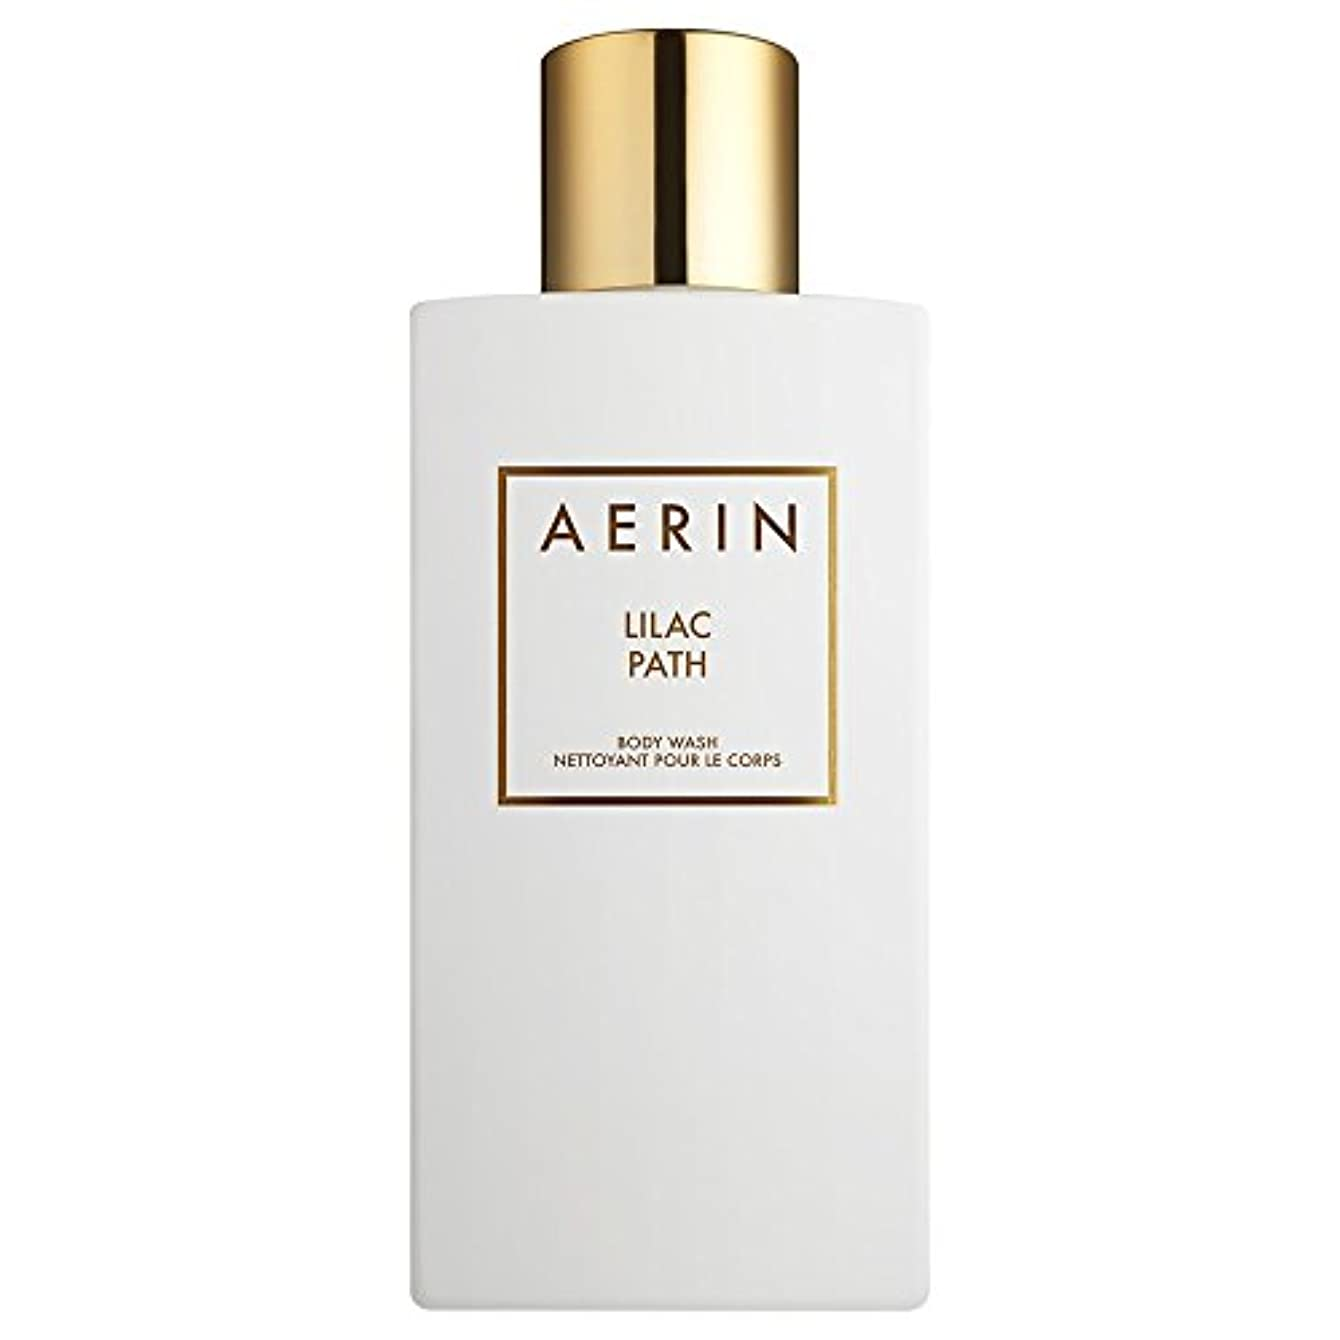 吸い込む実現可能性限りなくAerinライラックパスボディウォッシュ225ミリリットル (AERIN) (x2) - AERIN Lilac Path Bodywash 225ml (Pack of 2) [並行輸入品]